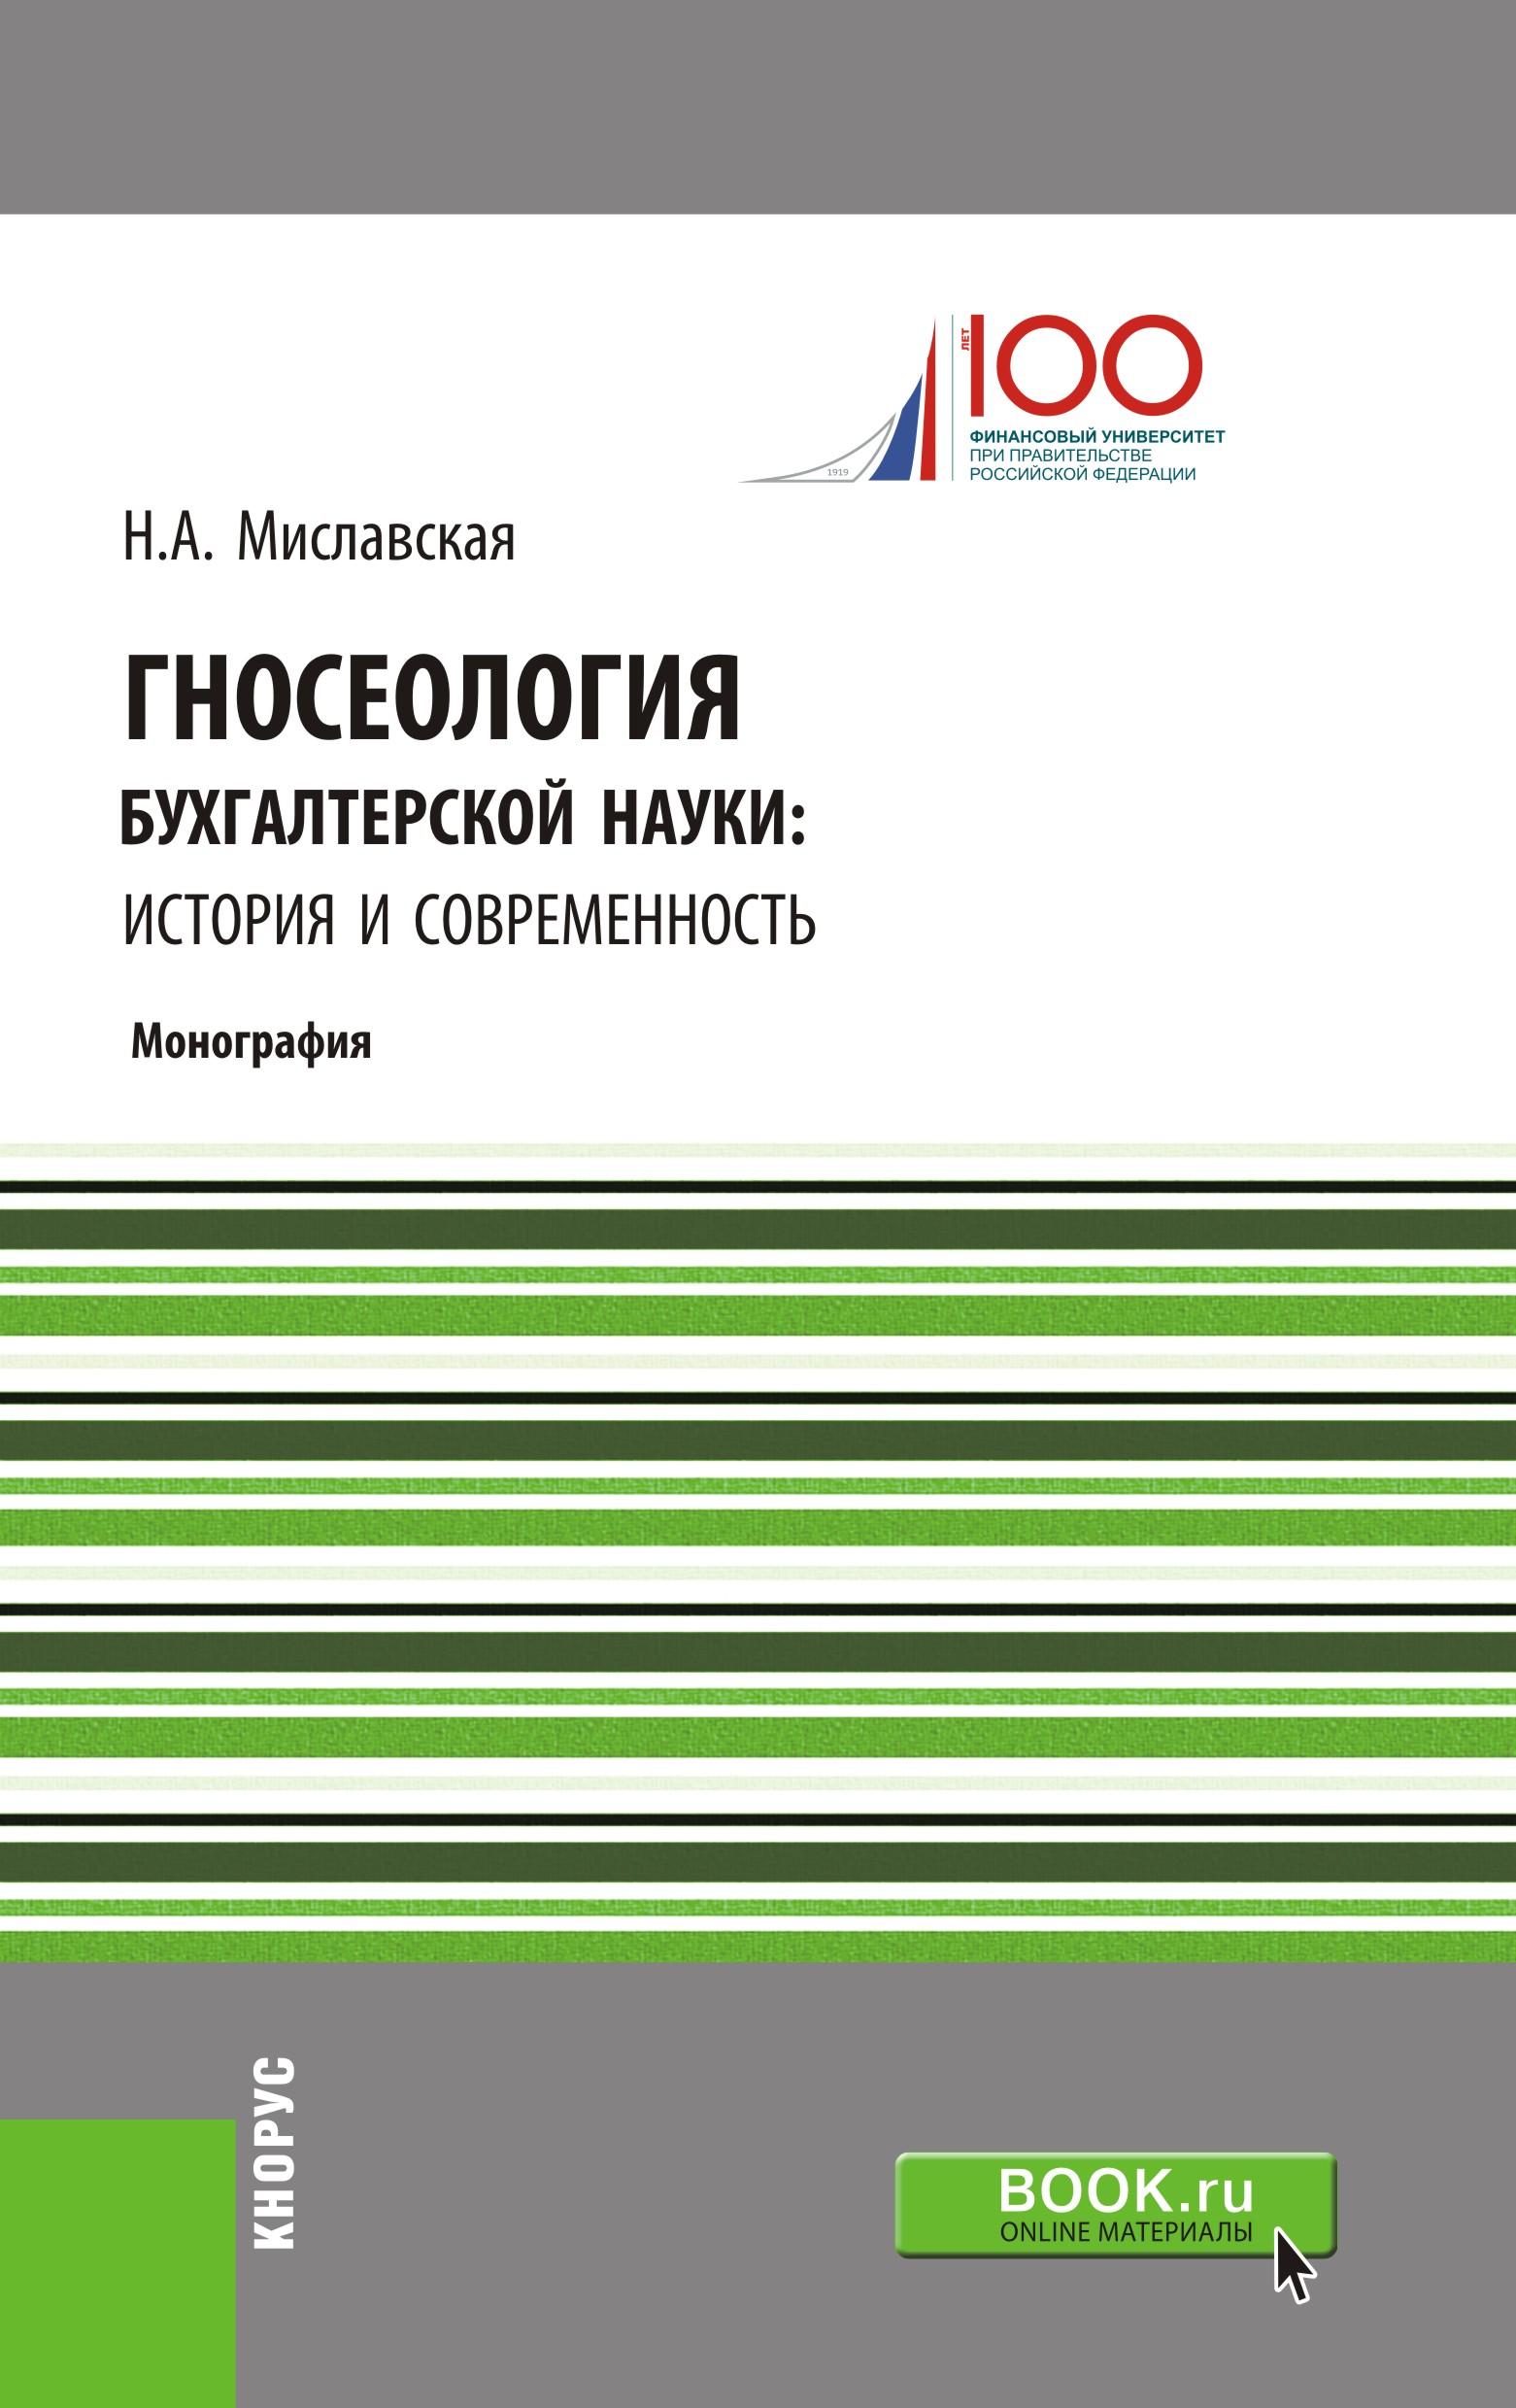 Гносеология бухгалтерской науки. История и современность